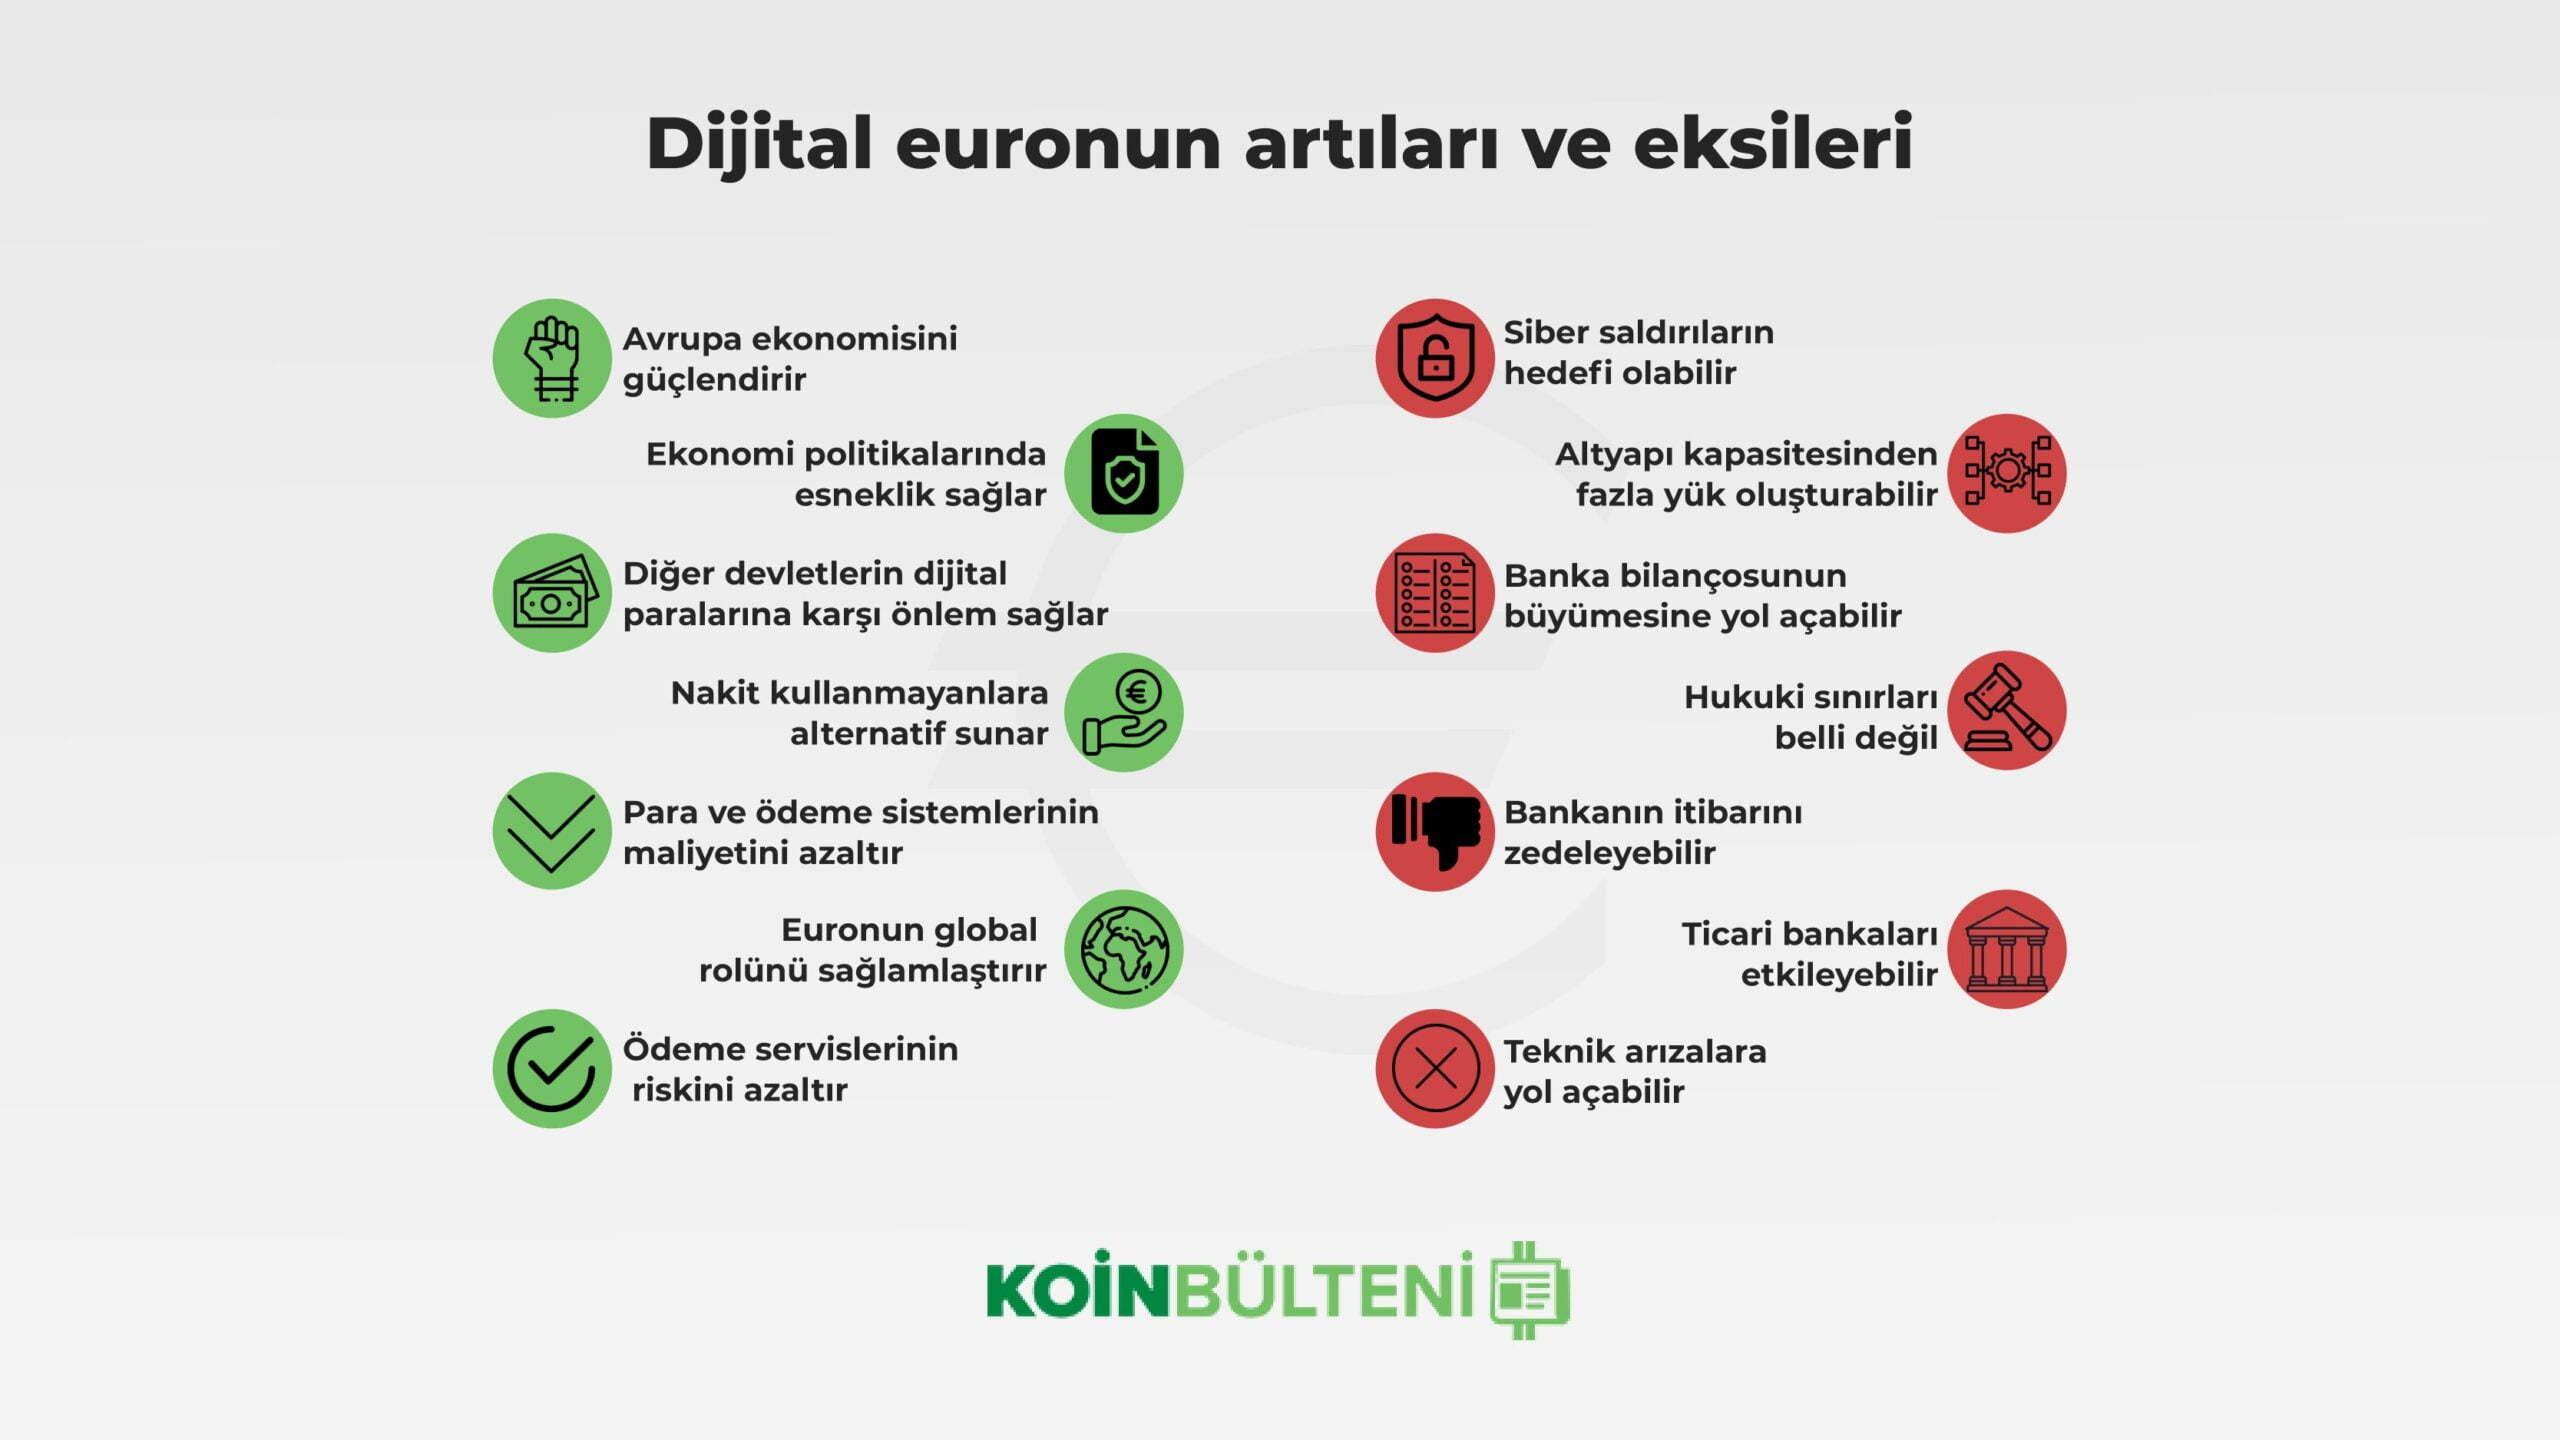 dijital-euro-arti-eksi